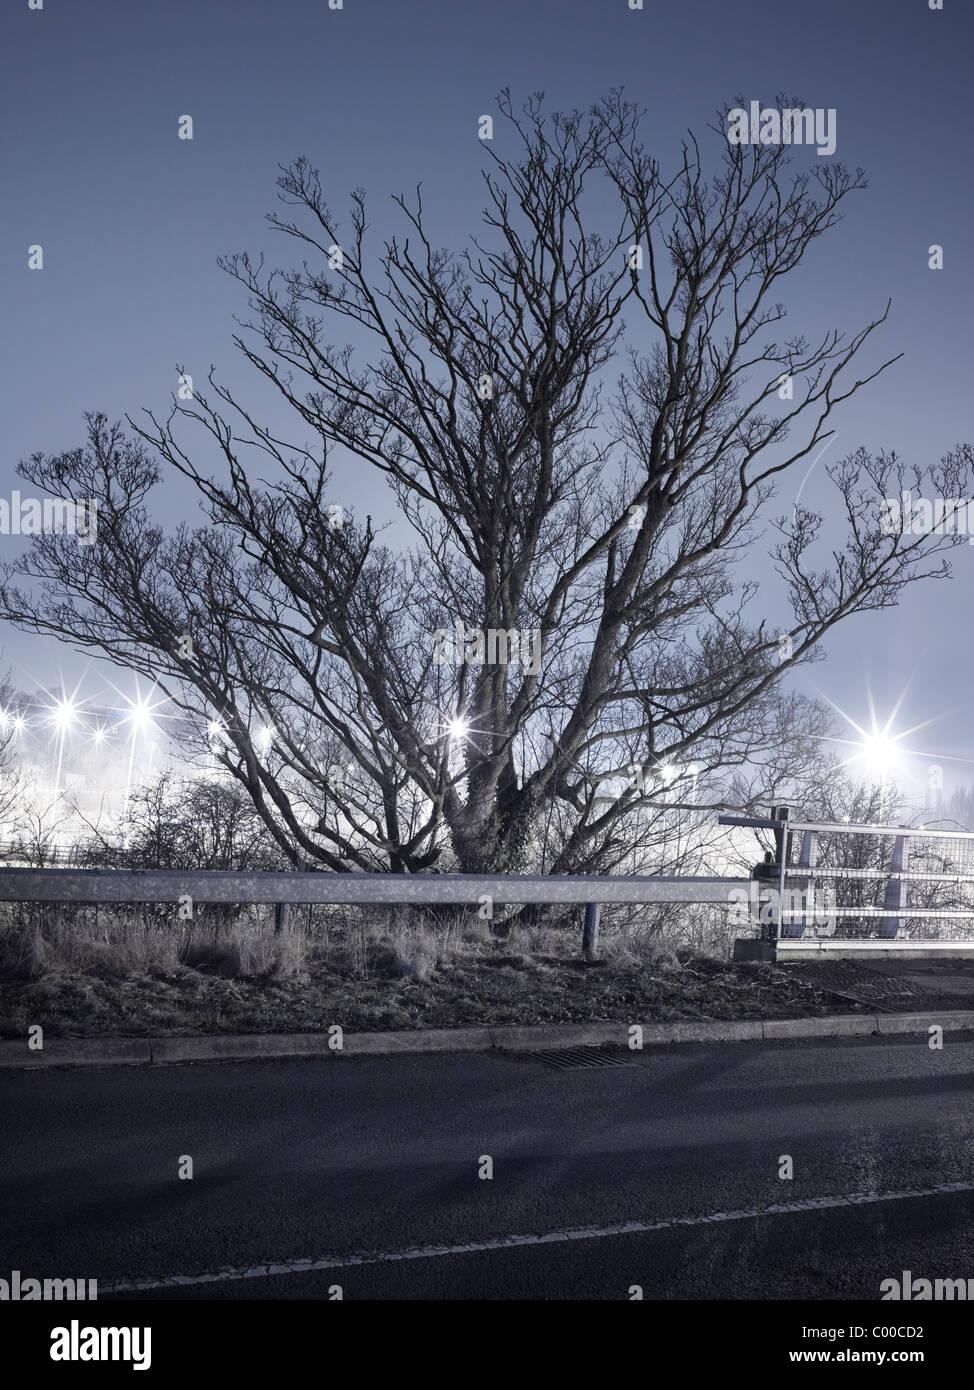 Straßen- und Bäume von Straßenlaternen beleuchtet nachts mit blauem Himmel, am Straßenrand Orten Stockbild